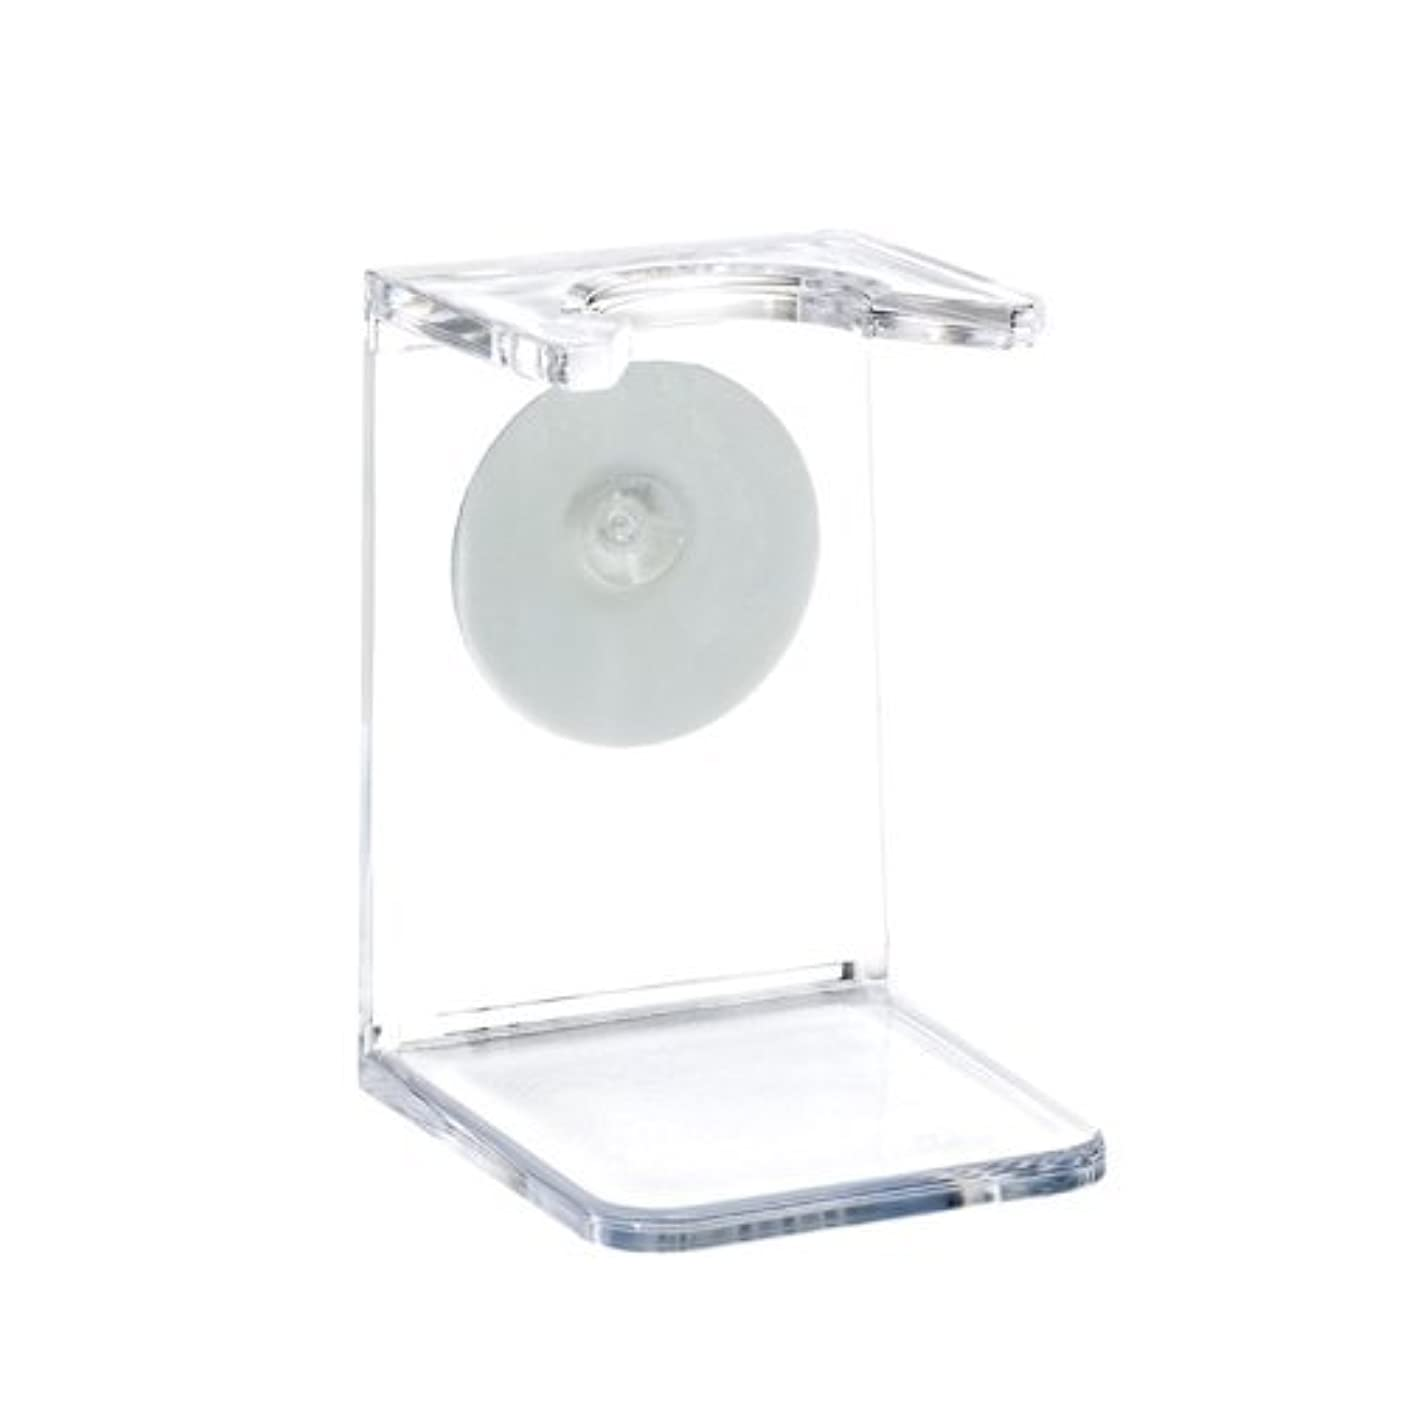 インスタンスパトワ同等のミューレ シェービングブラシスタンド/プラスチック  (RH5)